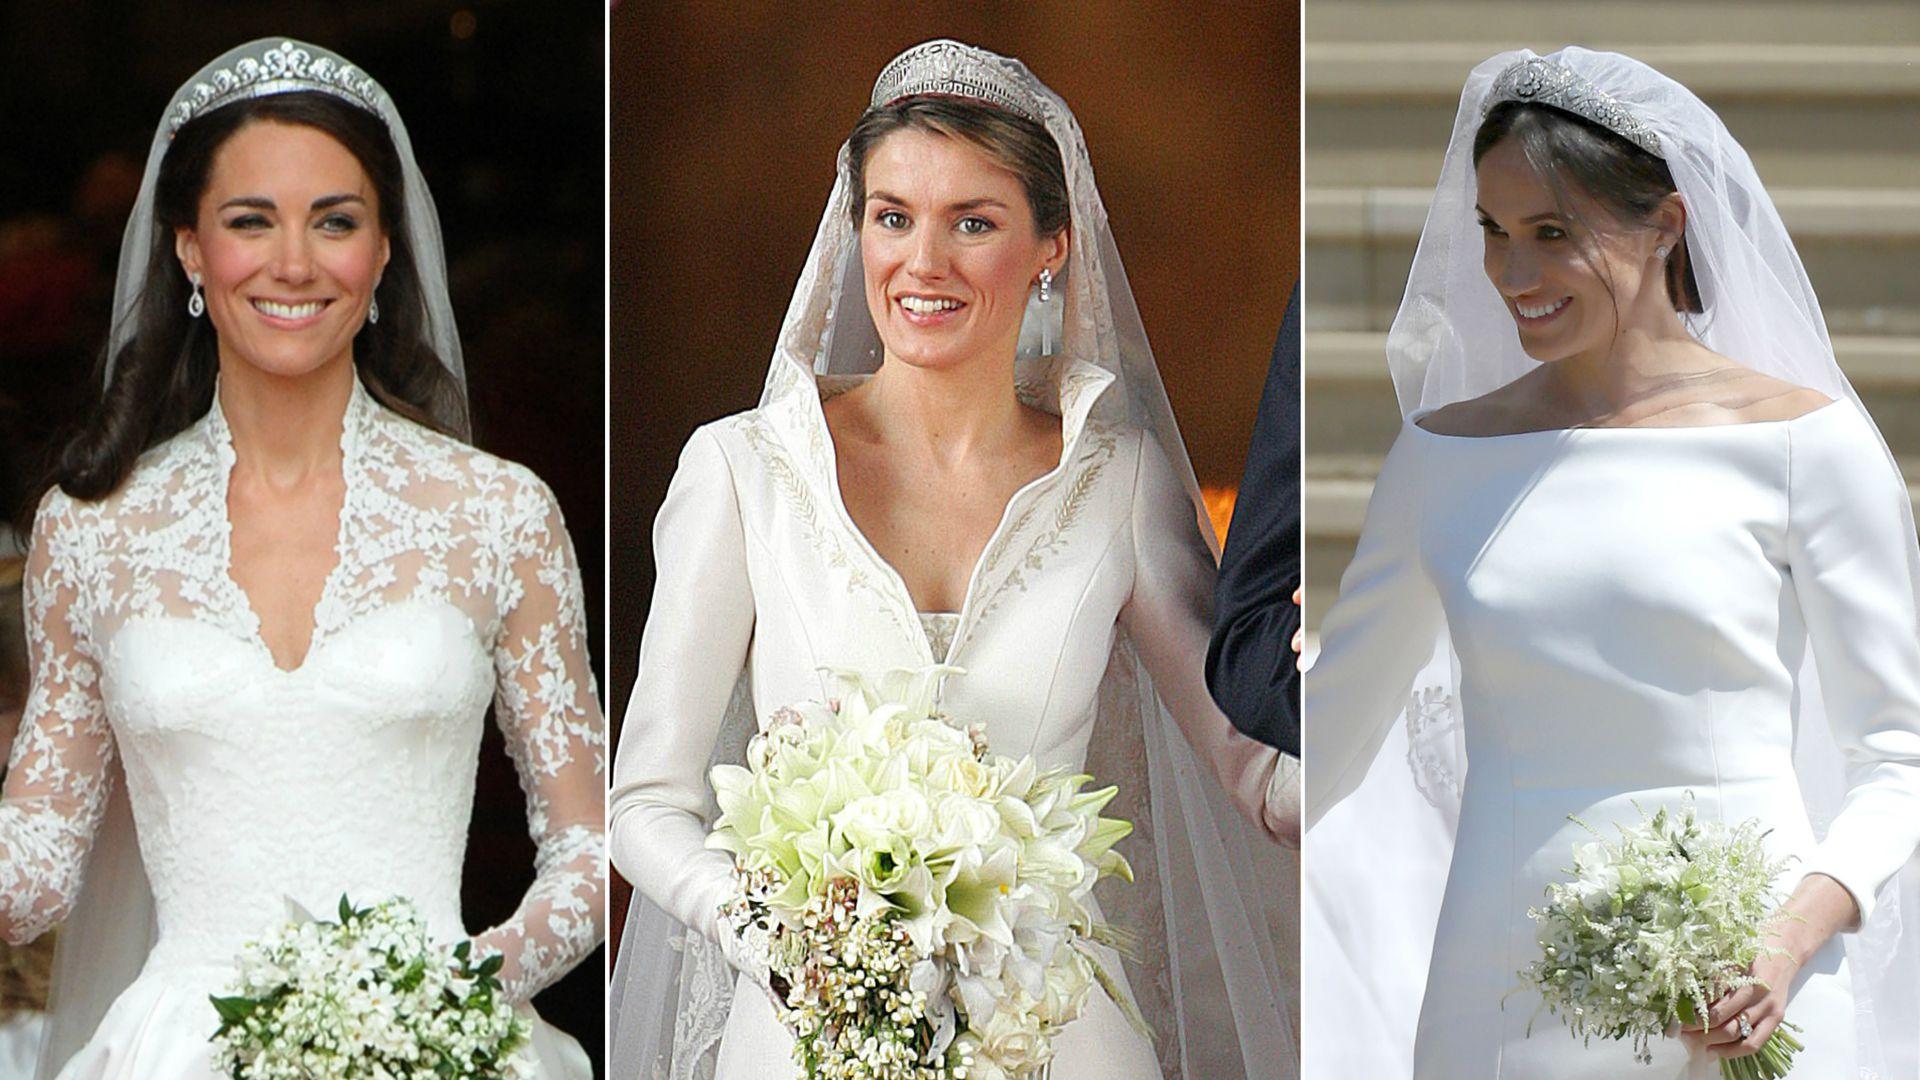 Kate, Letizia oder Meghan? Das war das teuerste Brautkleid